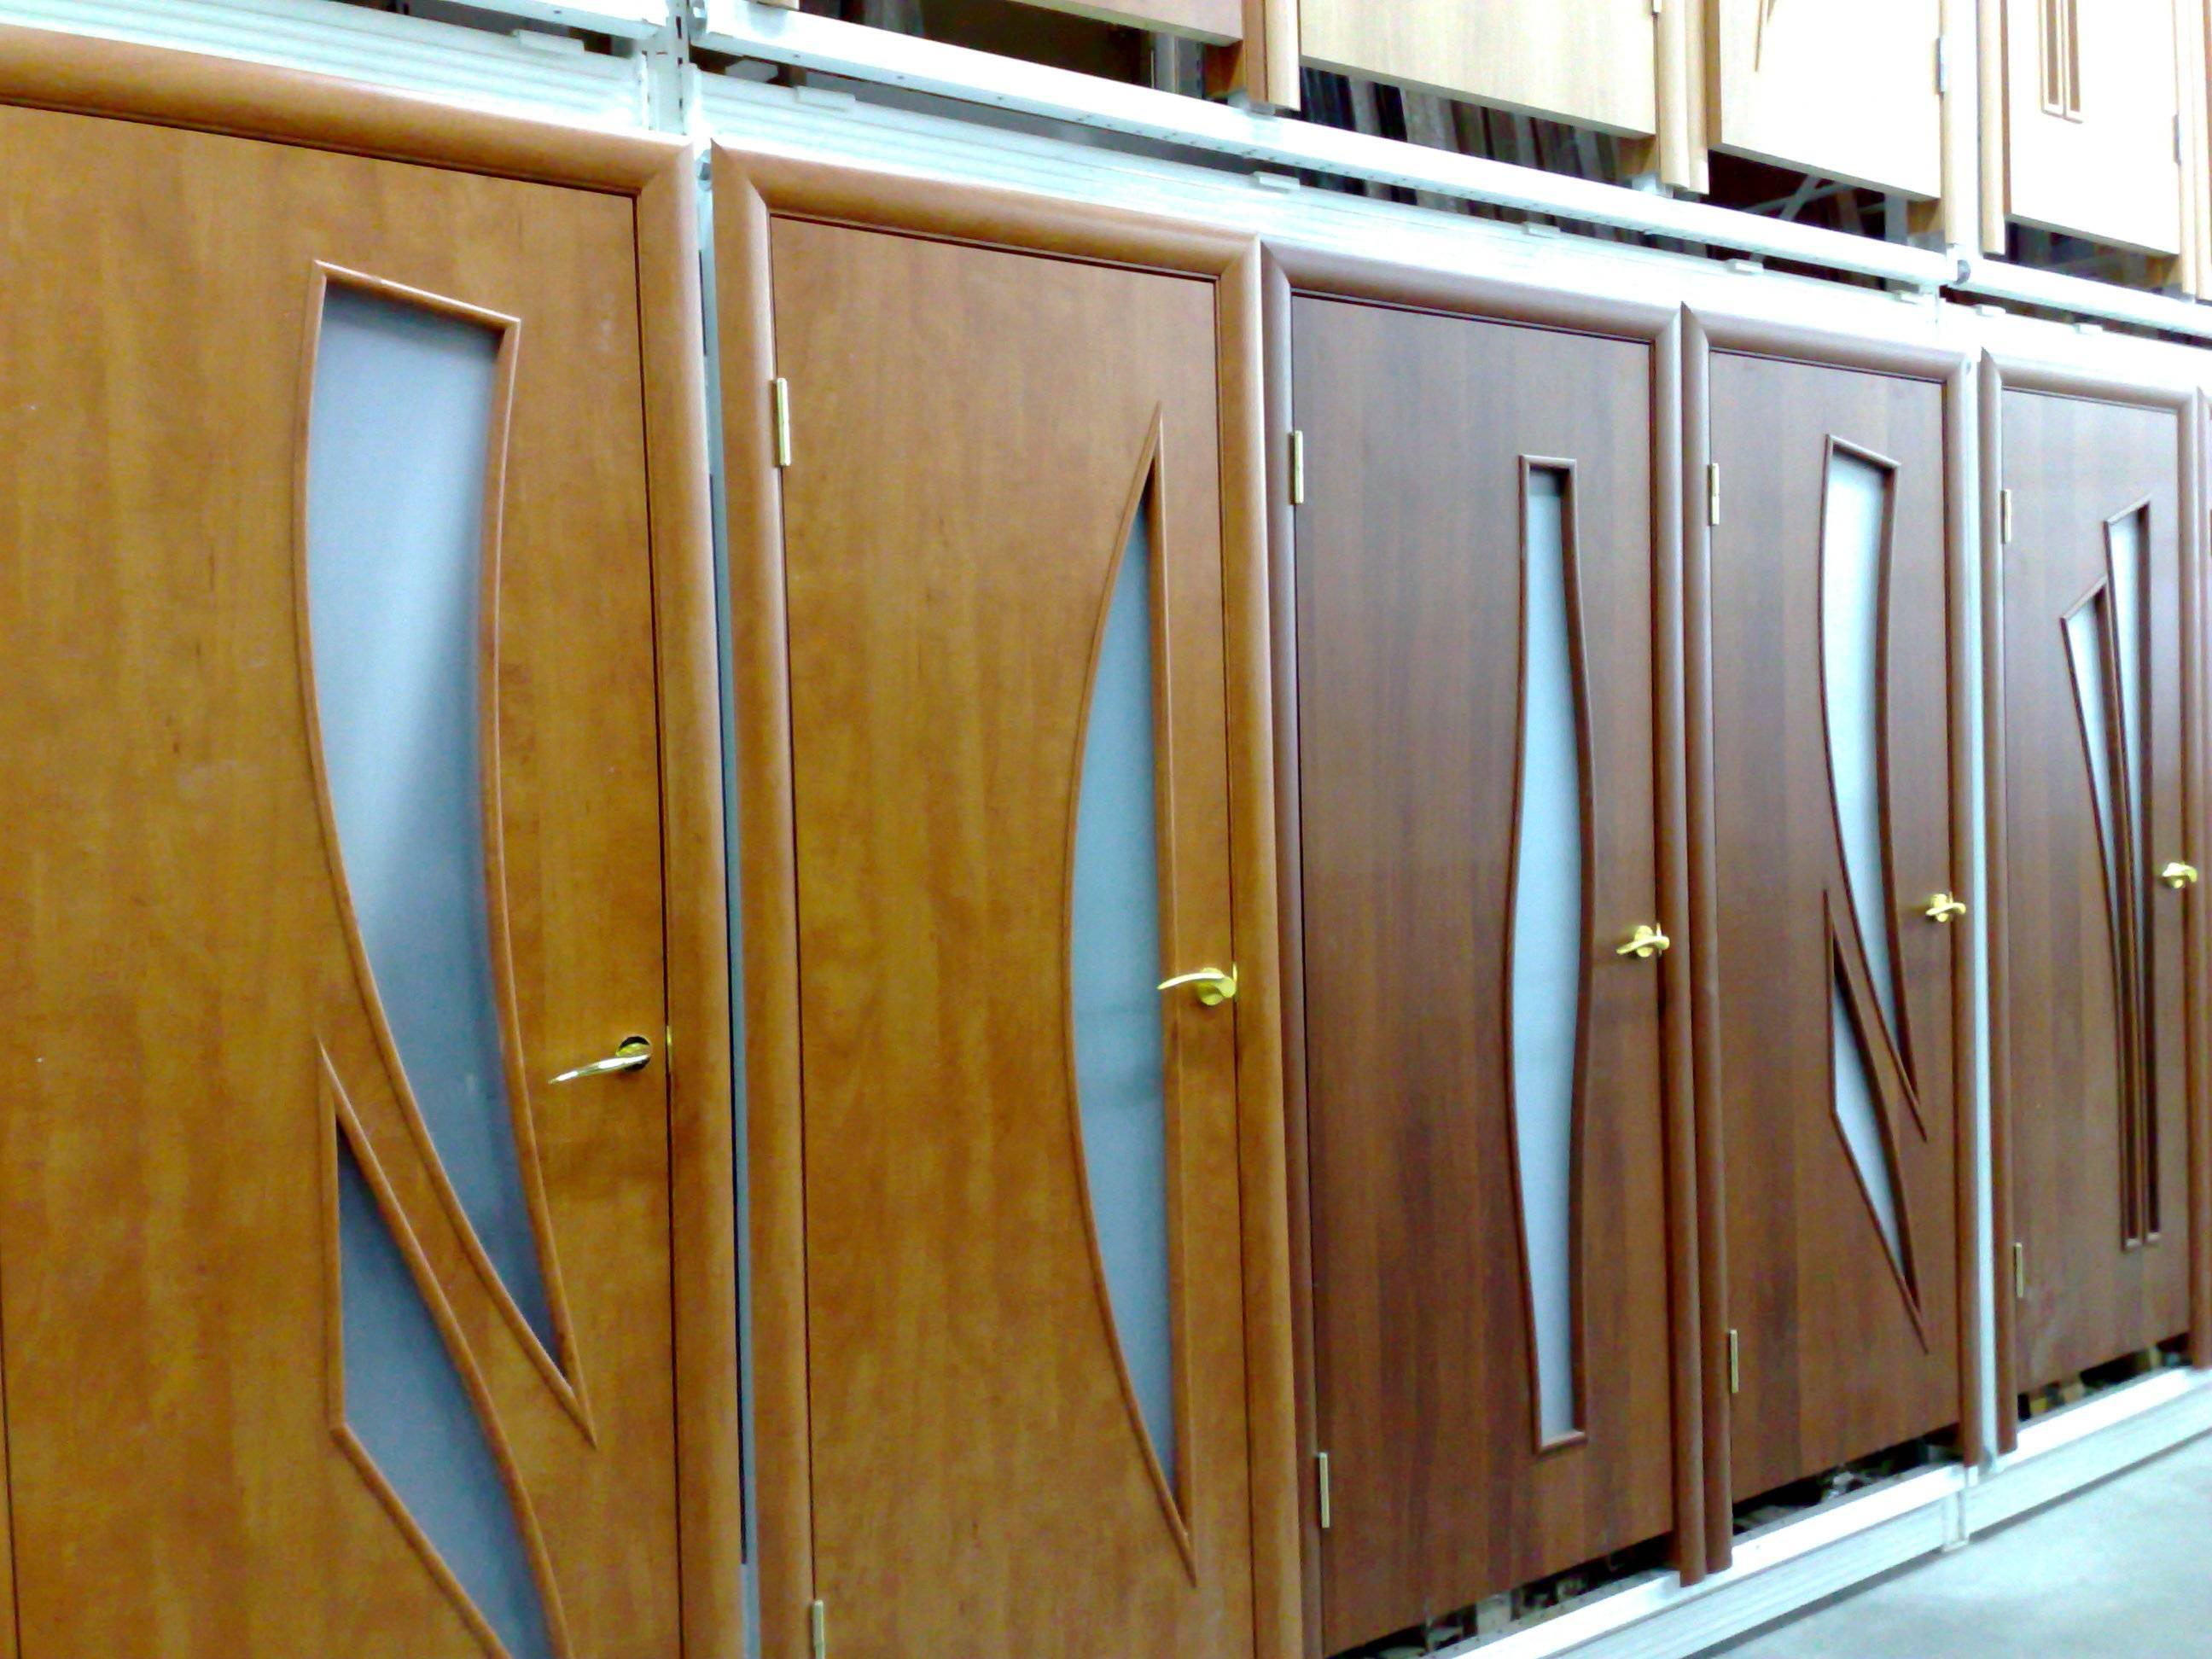 Магазин-склад межкомнатных дверей в москве - фабрика дверей «арболеда»